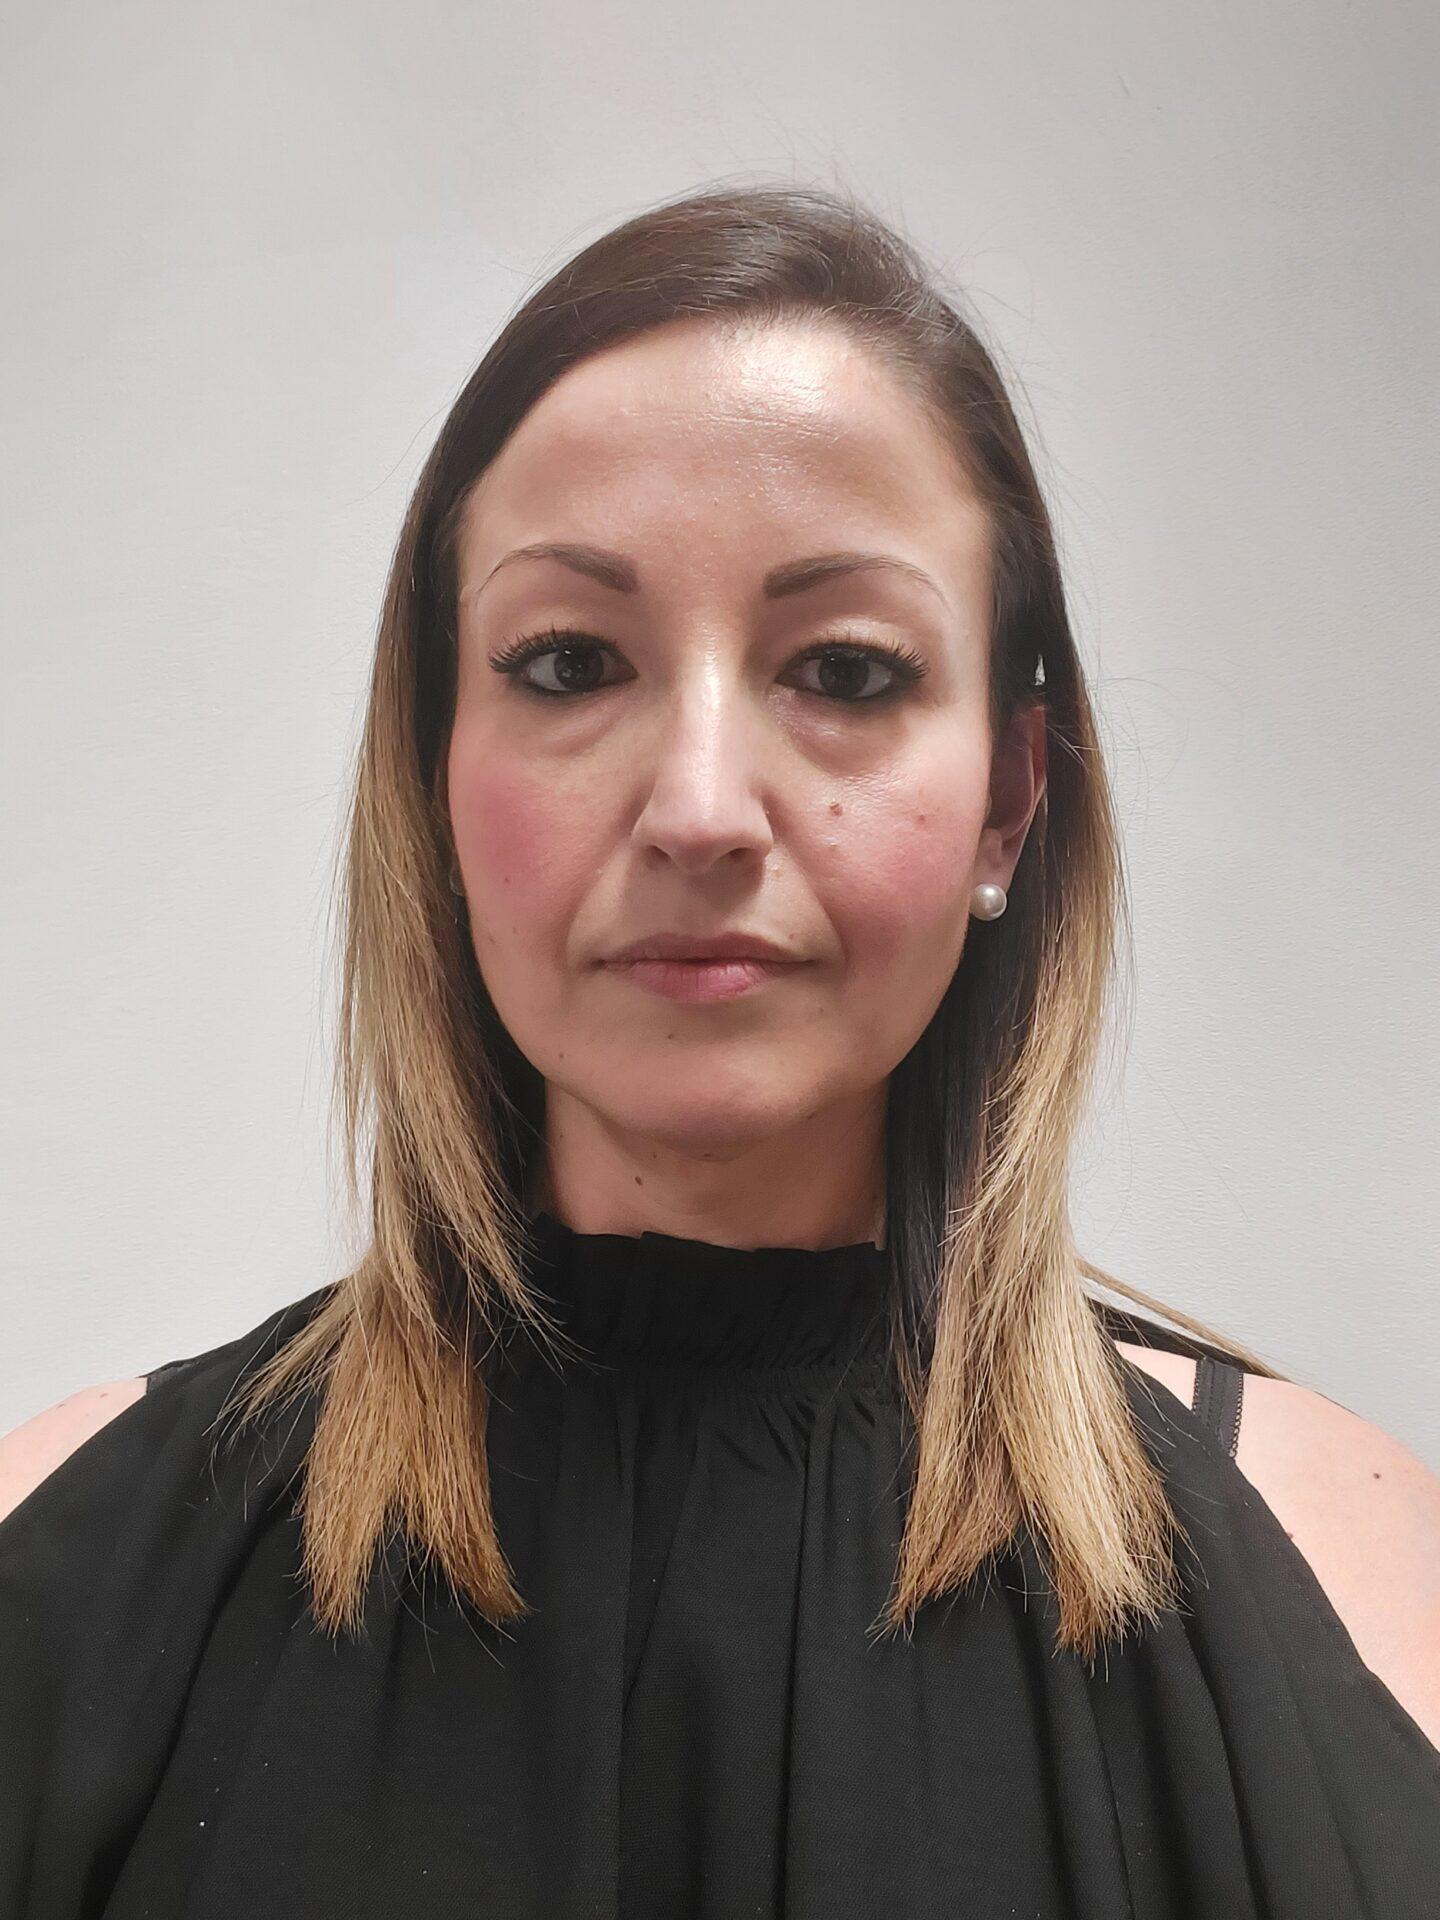 Aurélie Detraux